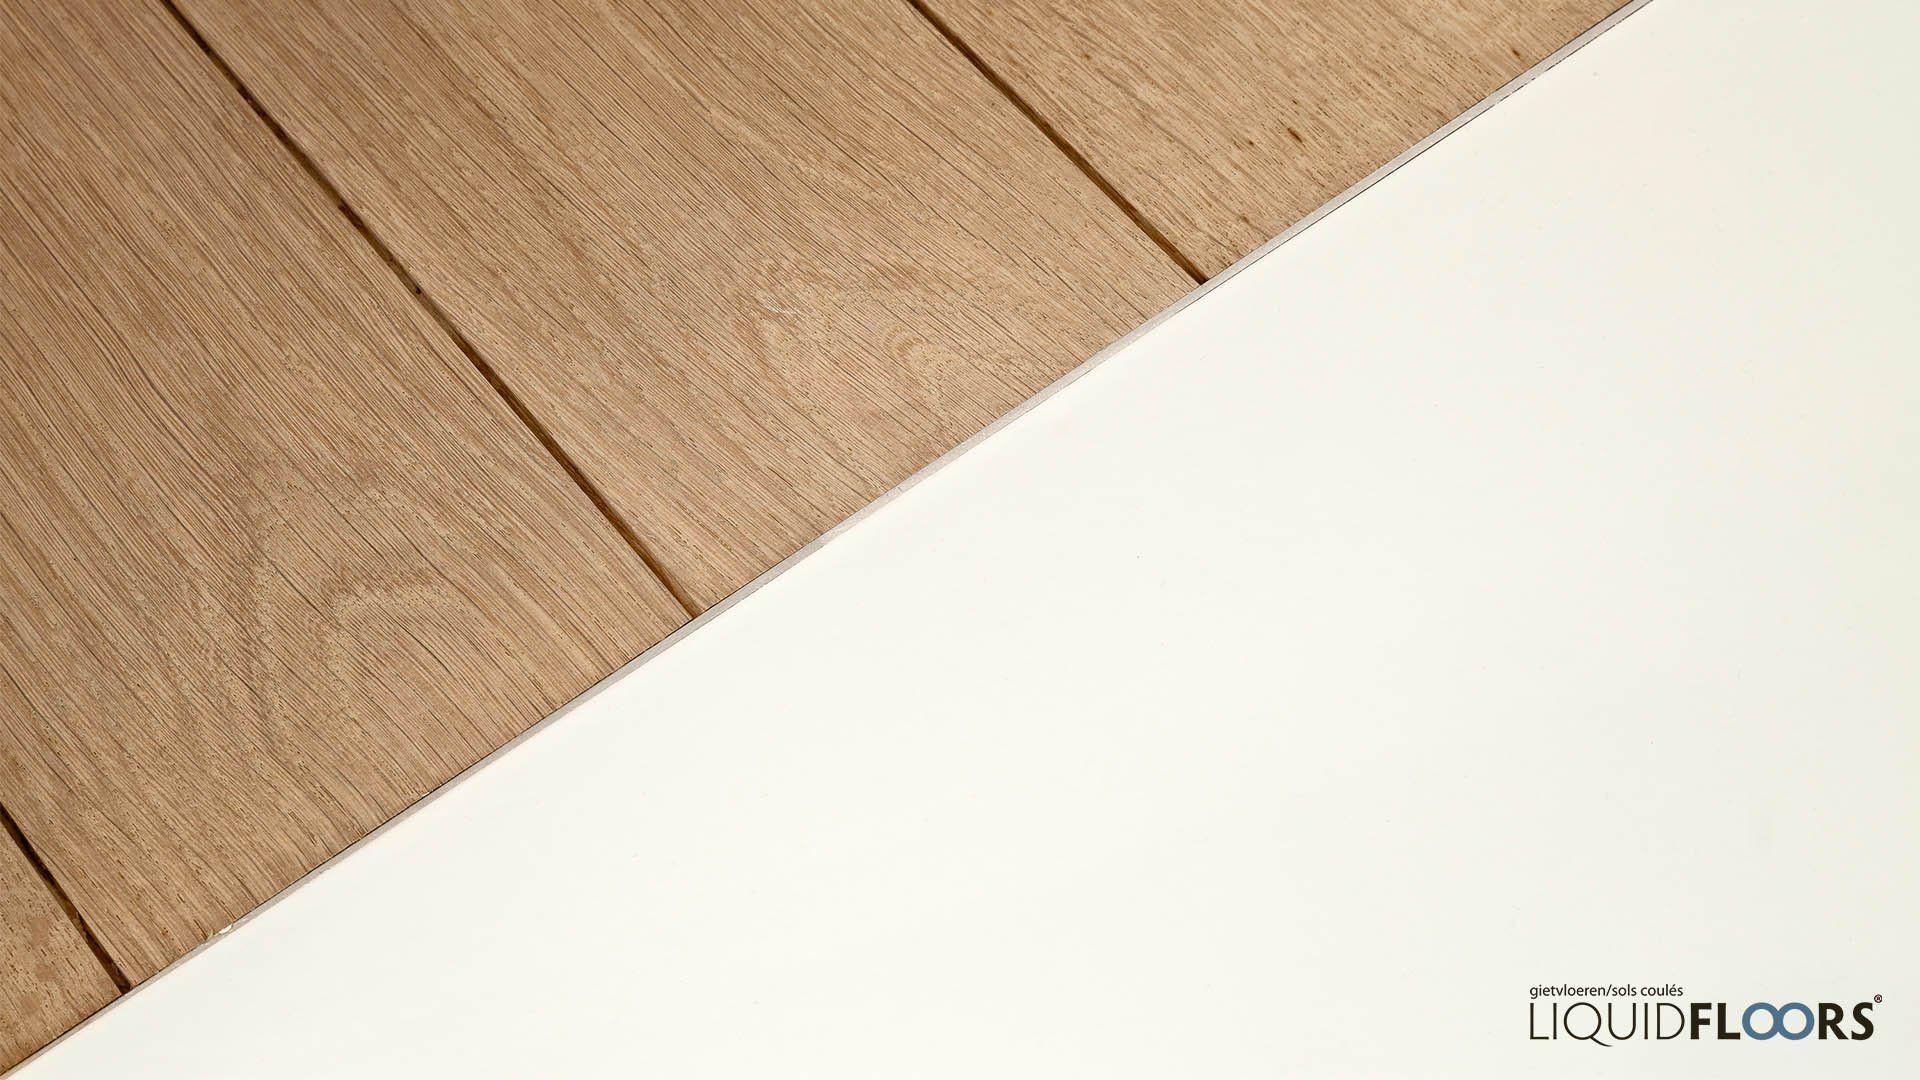 Gietvloer en parket houten vloer met naadloze aansluiting prijs